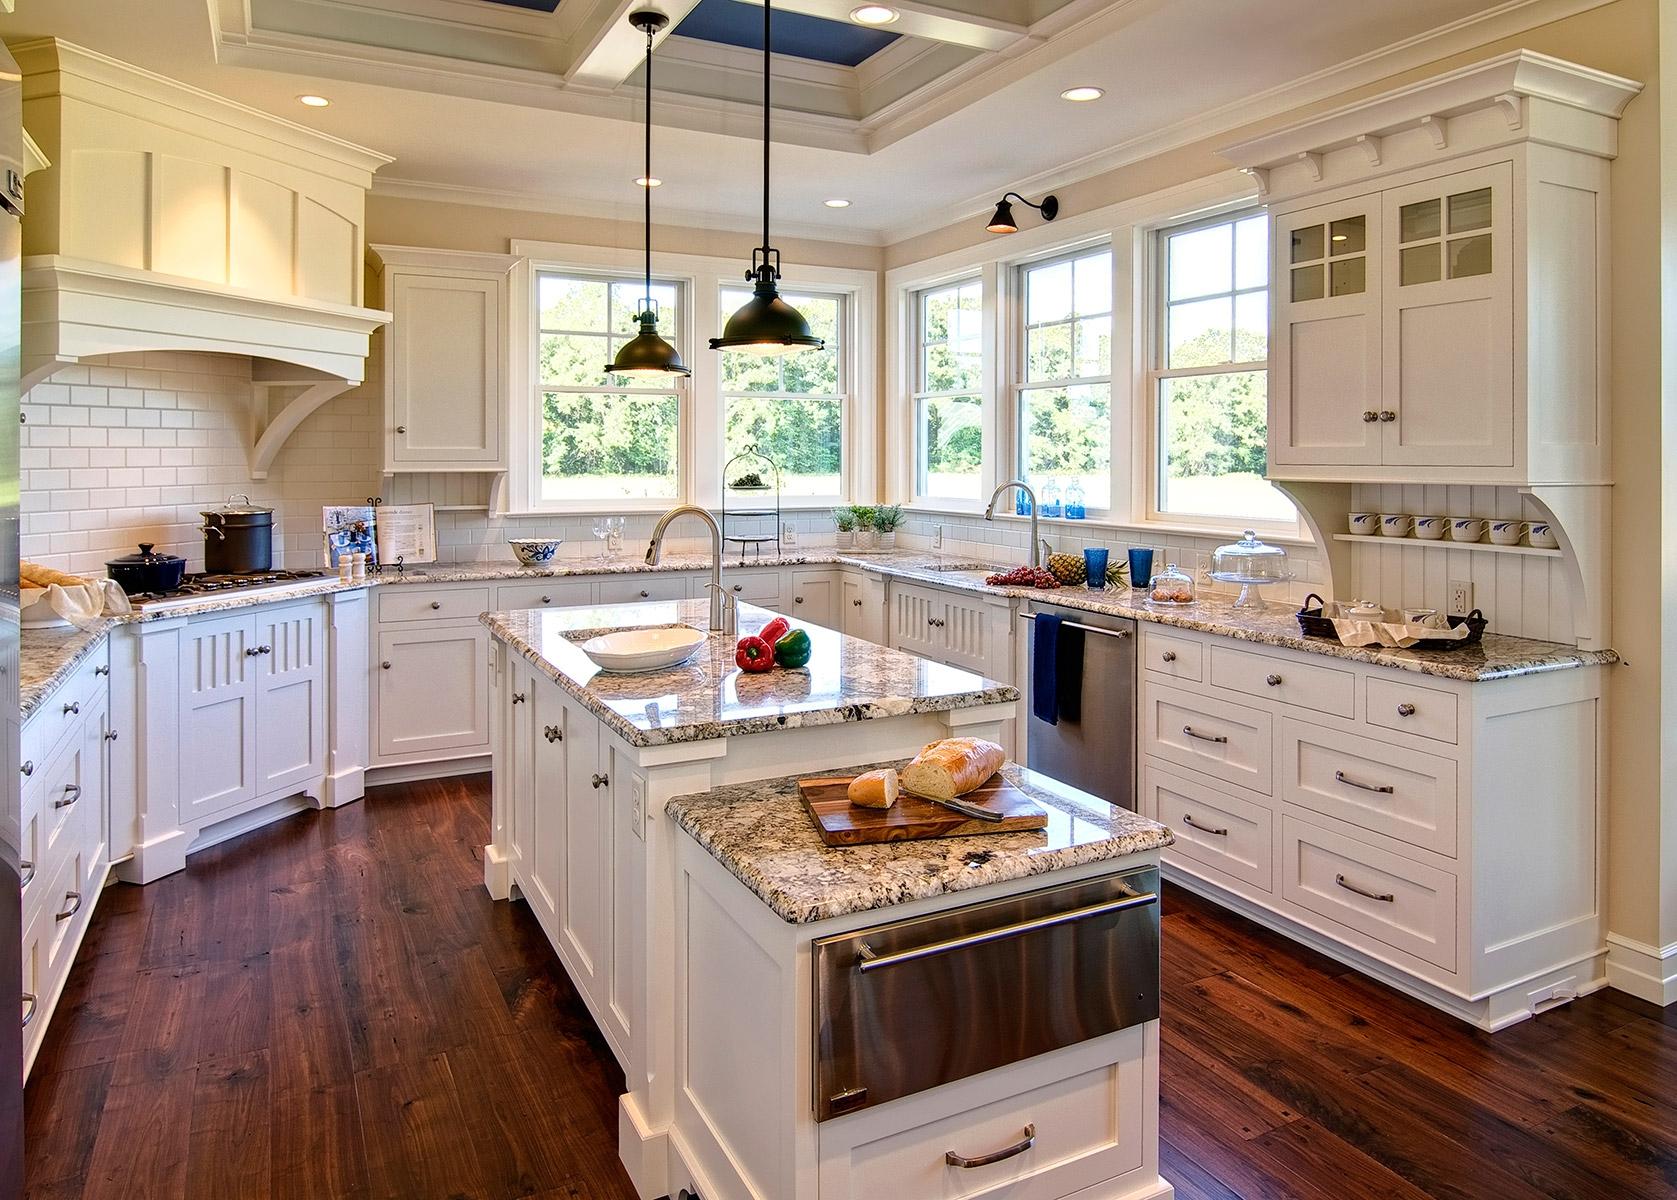 Бело-коричневая кухня с островом в колониальном стиле